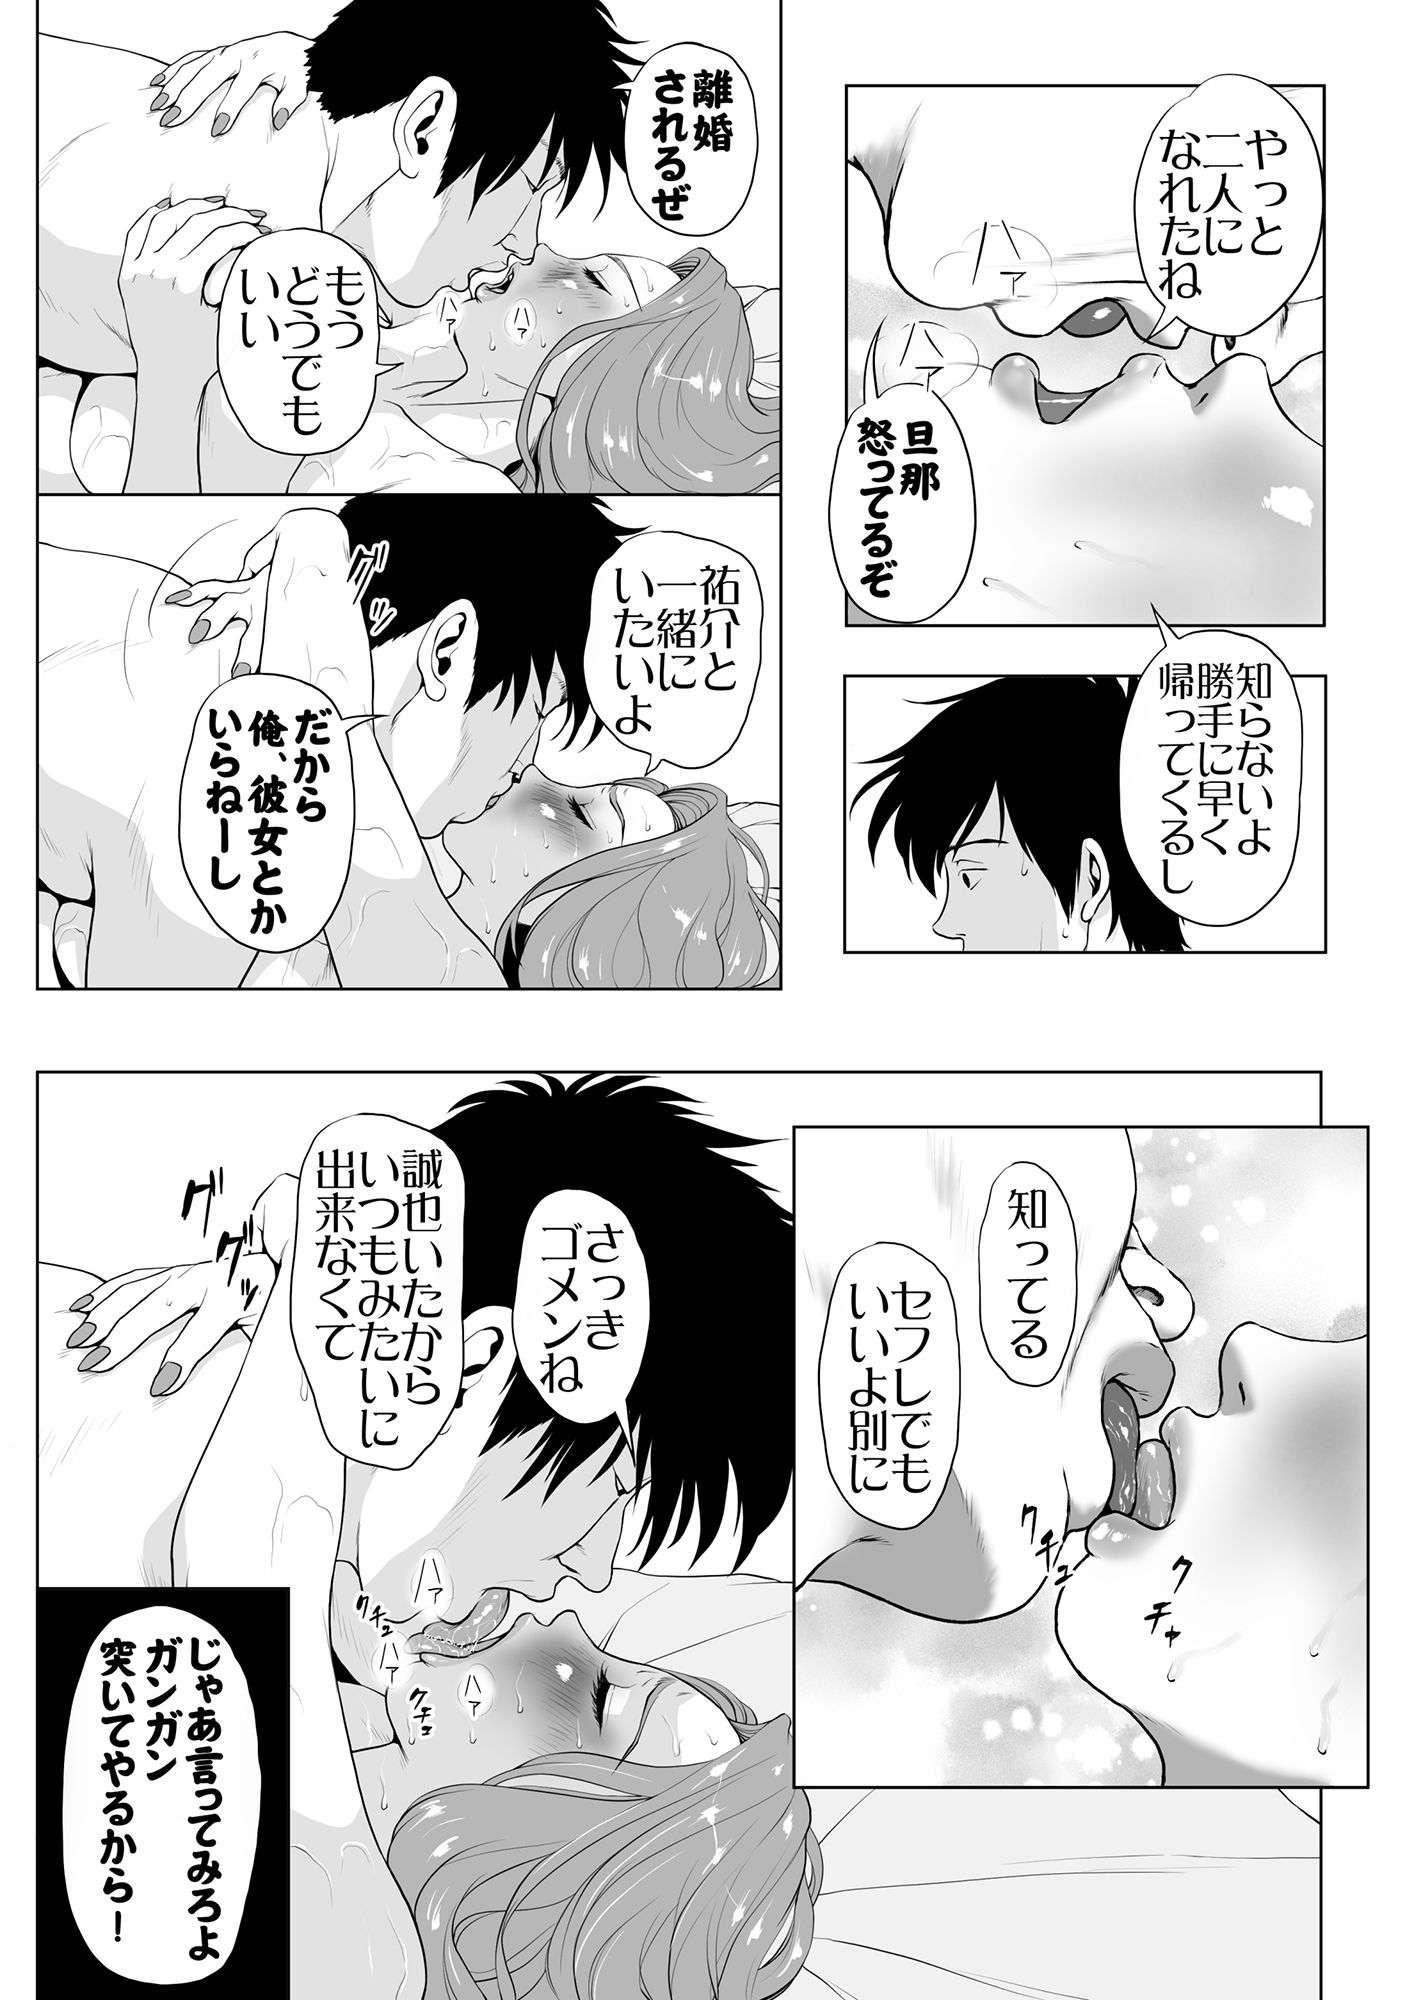 イキ癖をつけられた元ヤン妻【作者:Wの本能】【10】